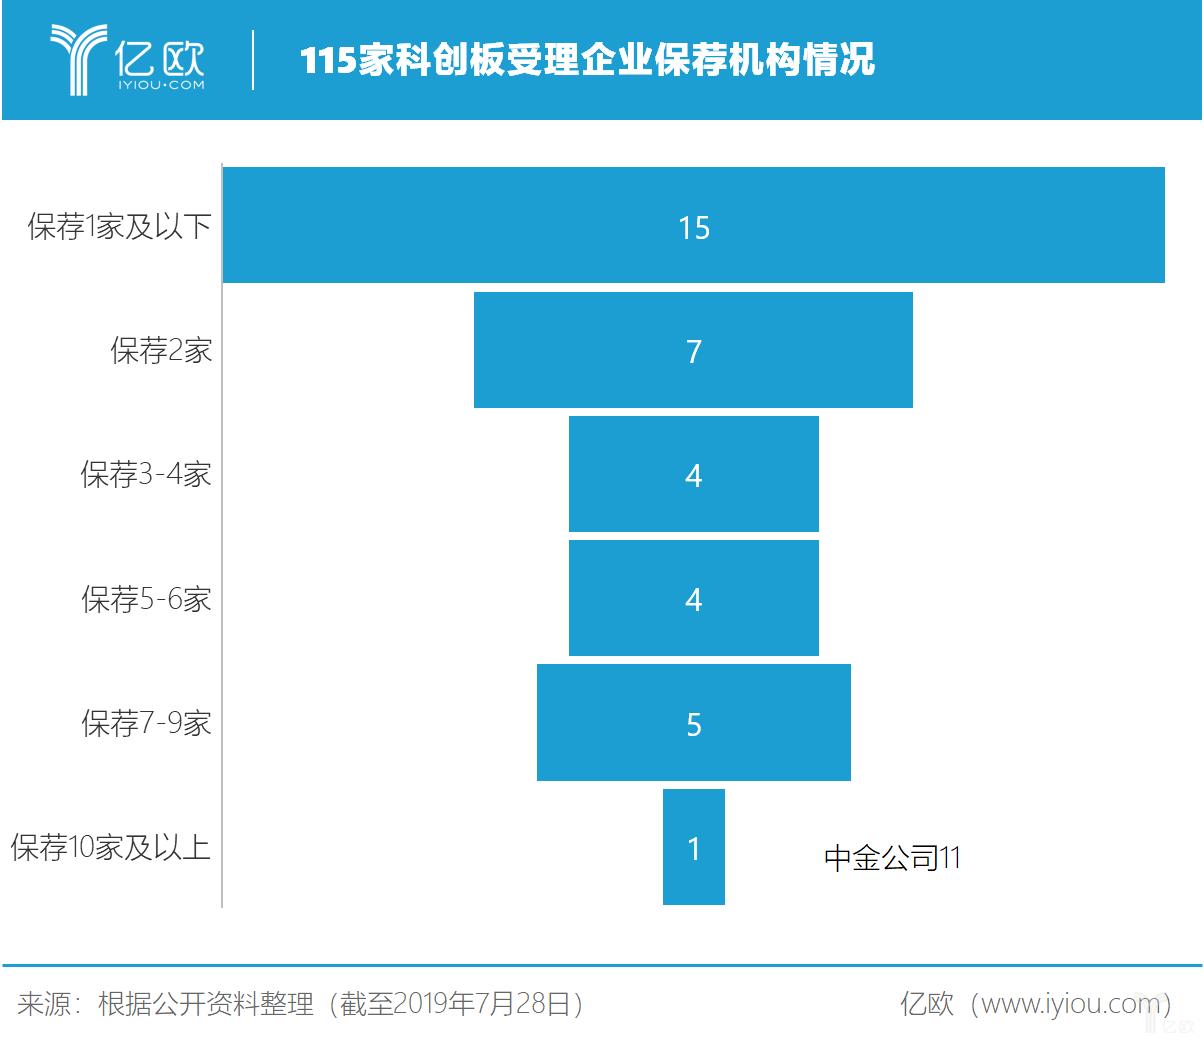 亿欧智库:115家科创板受理企业保荐机构情况